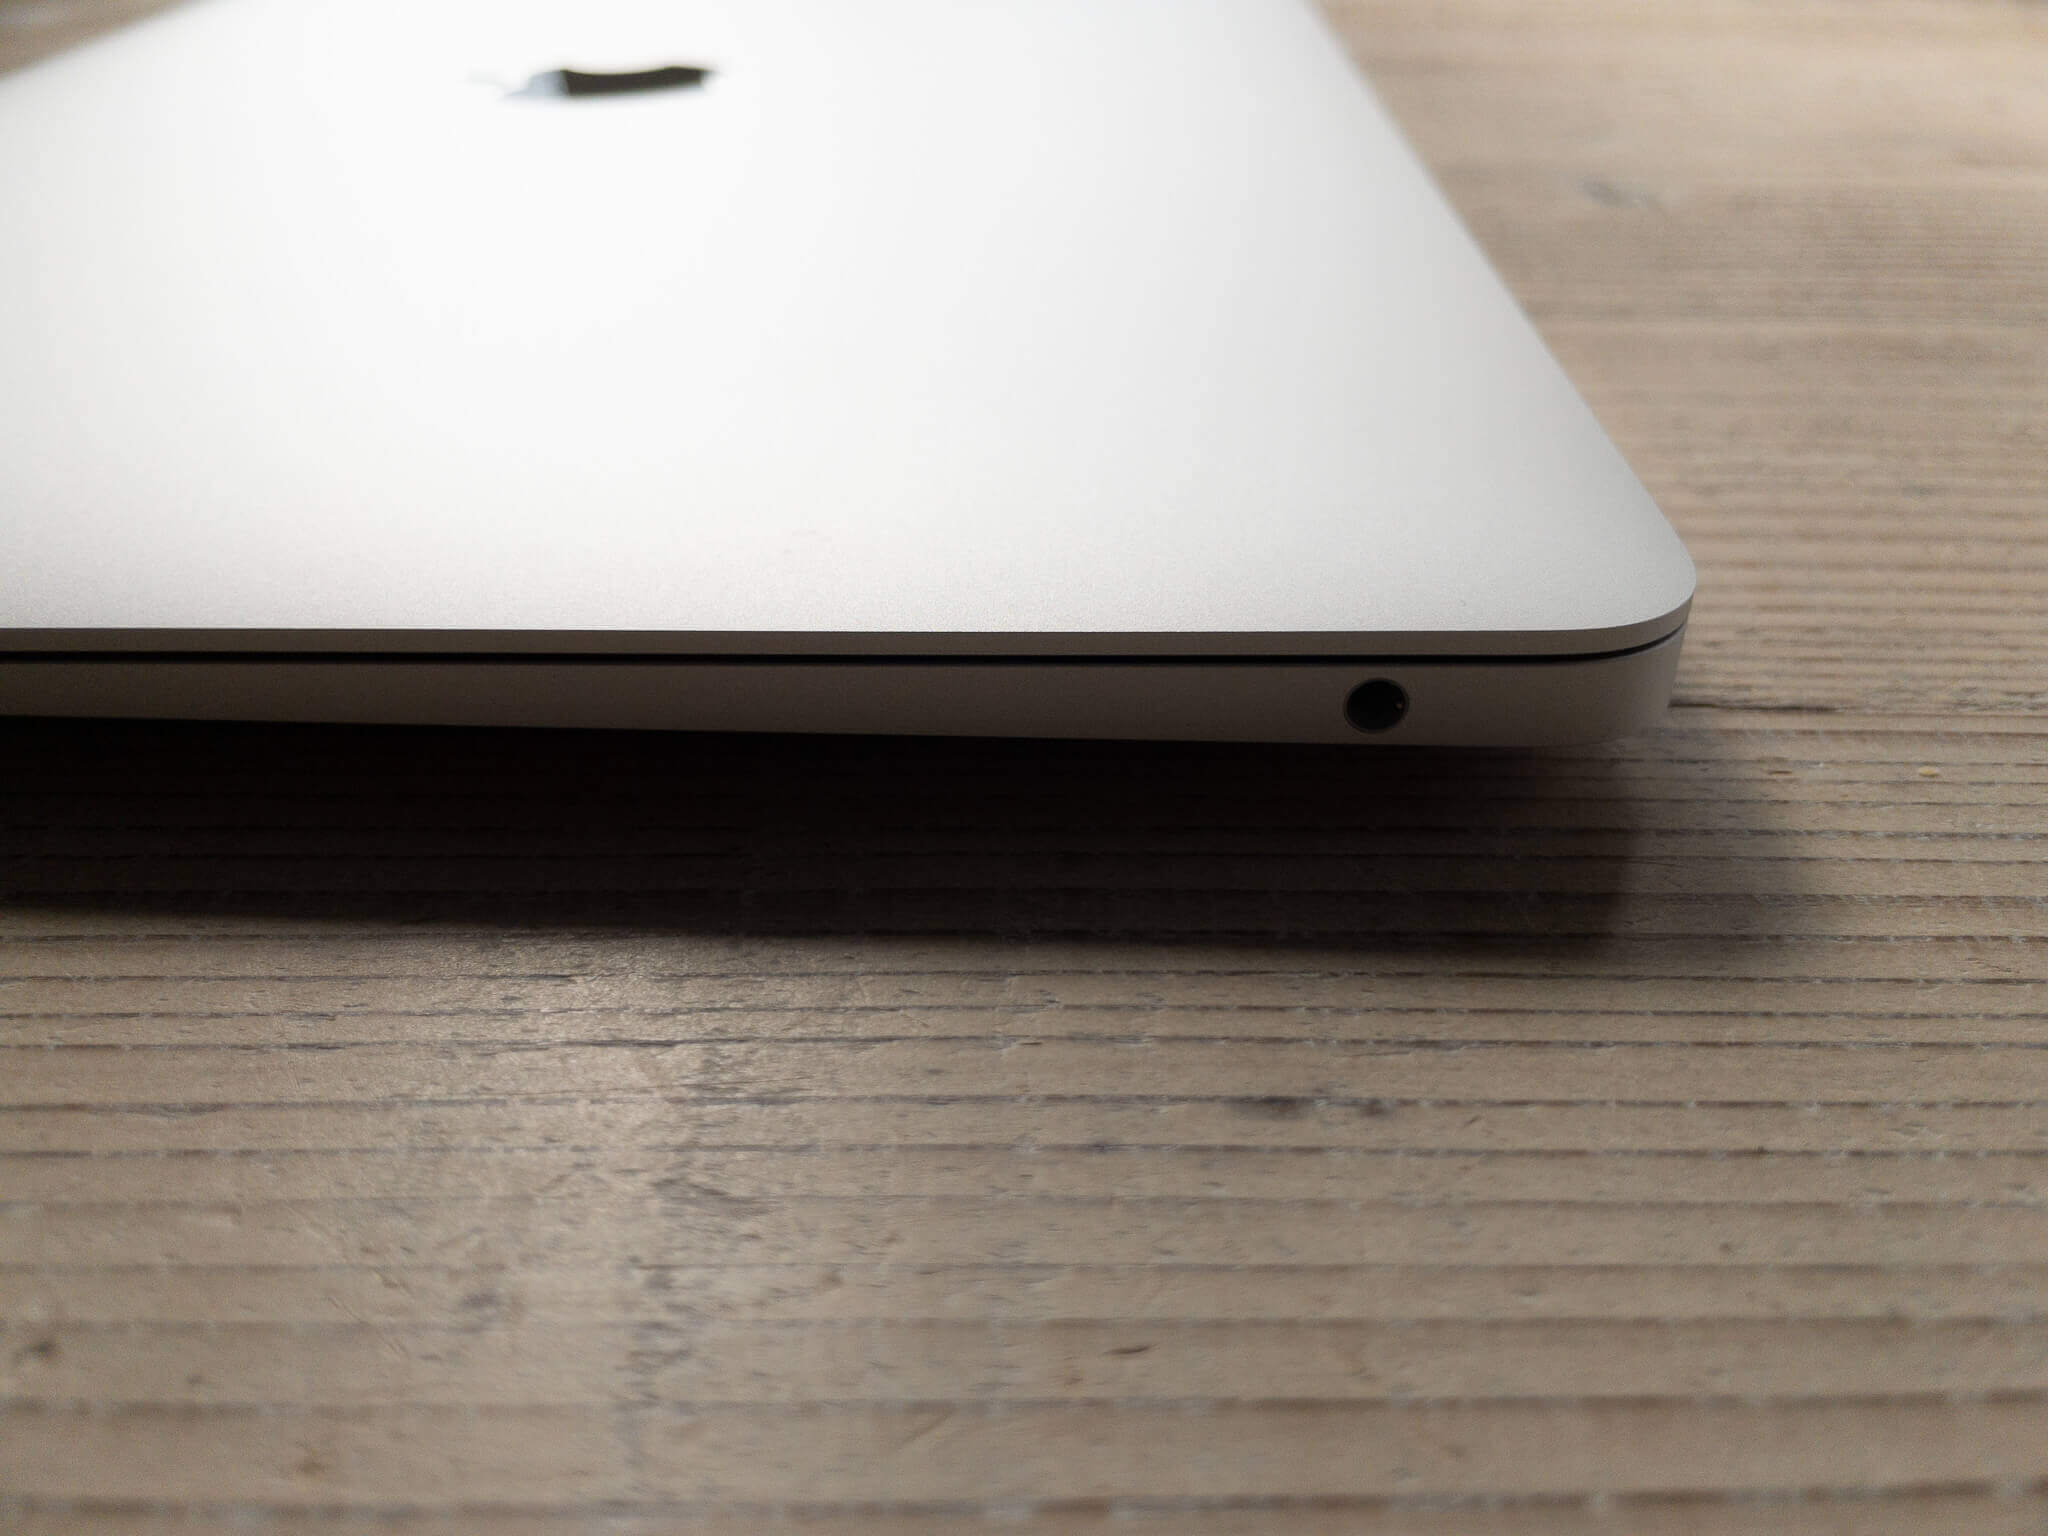 210223 m1 macbook air 4